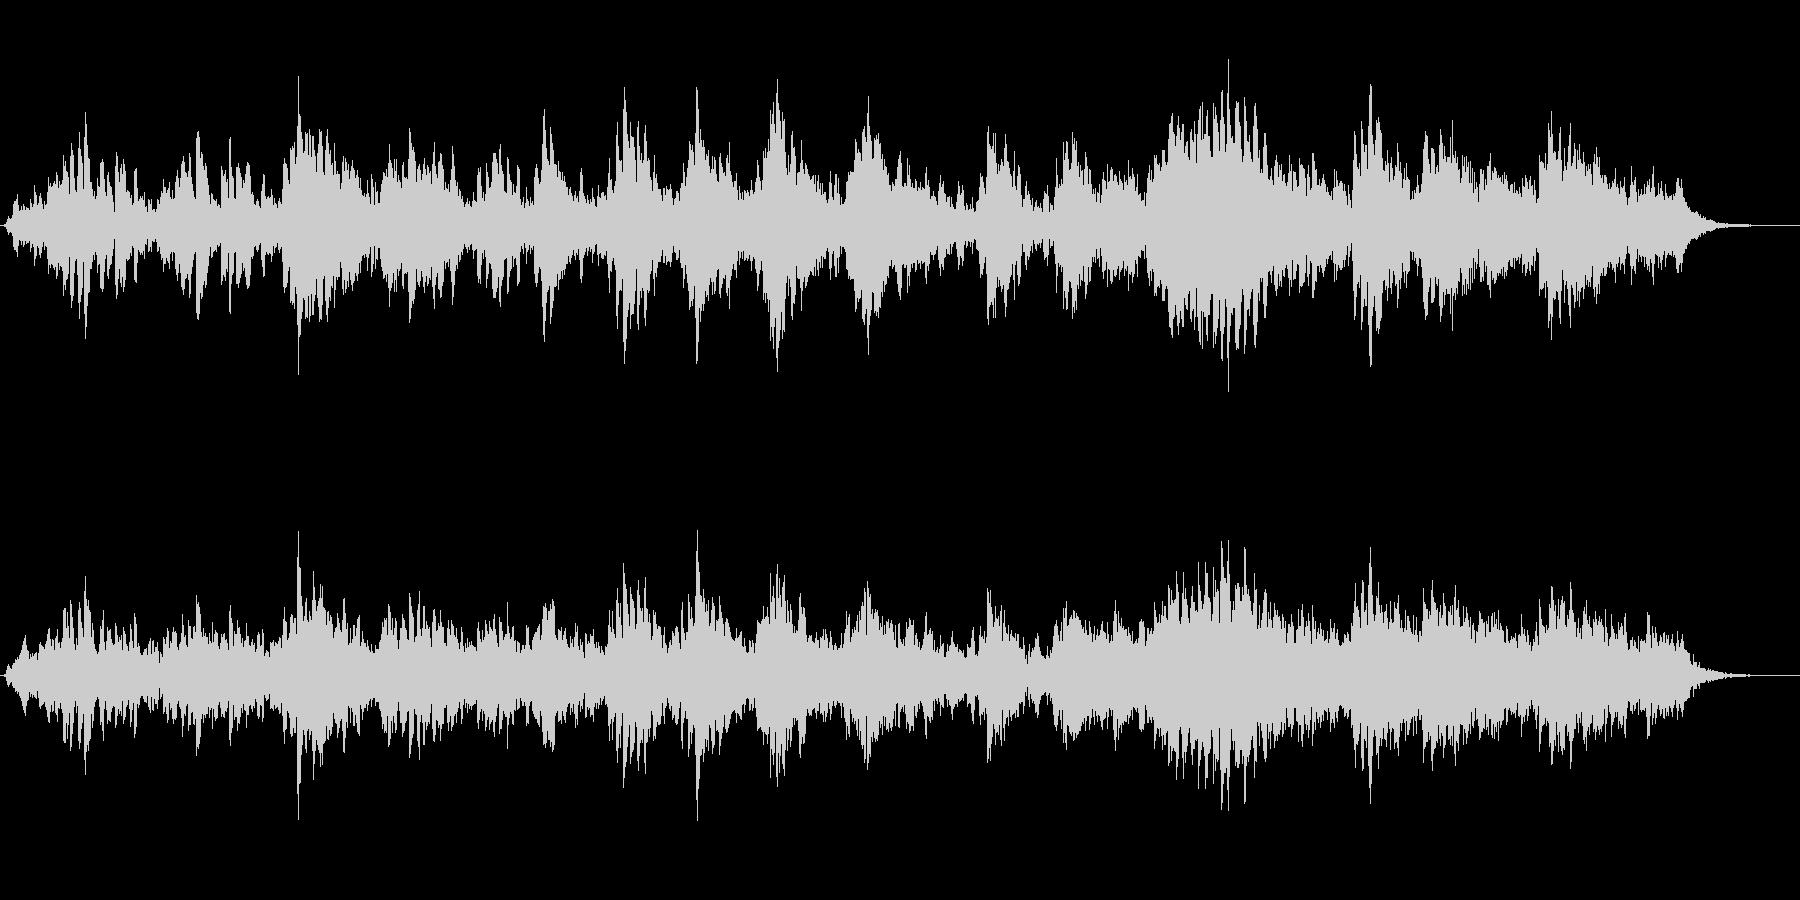 ピアノとシンセパッドの幻想的なジングルの未再生の波形